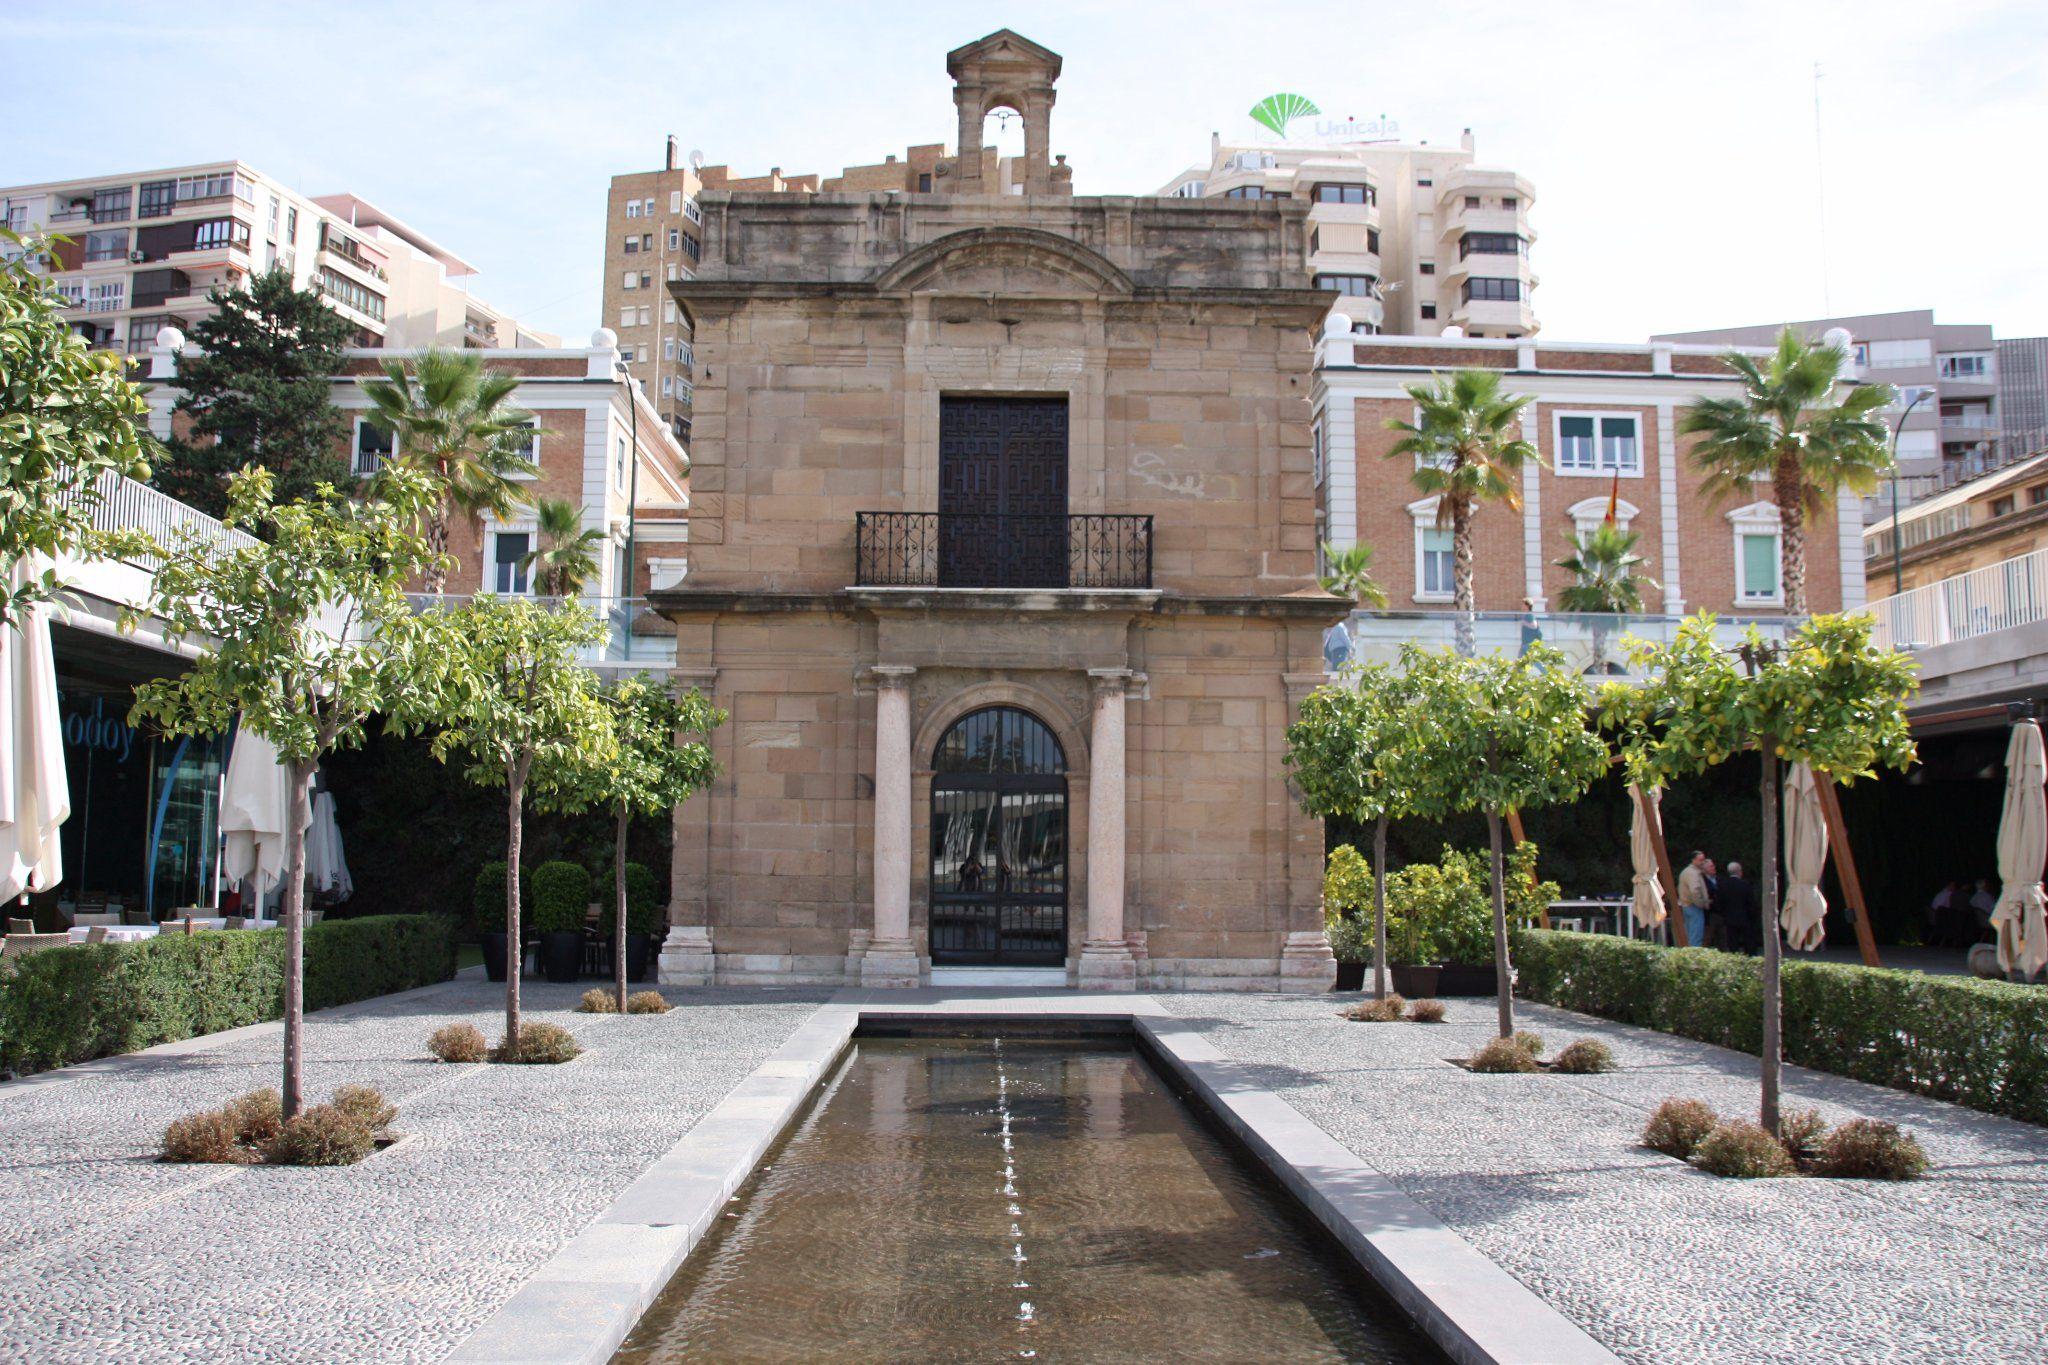 Historische Übrigbleibsel in einem der neuesten Teile Málagas